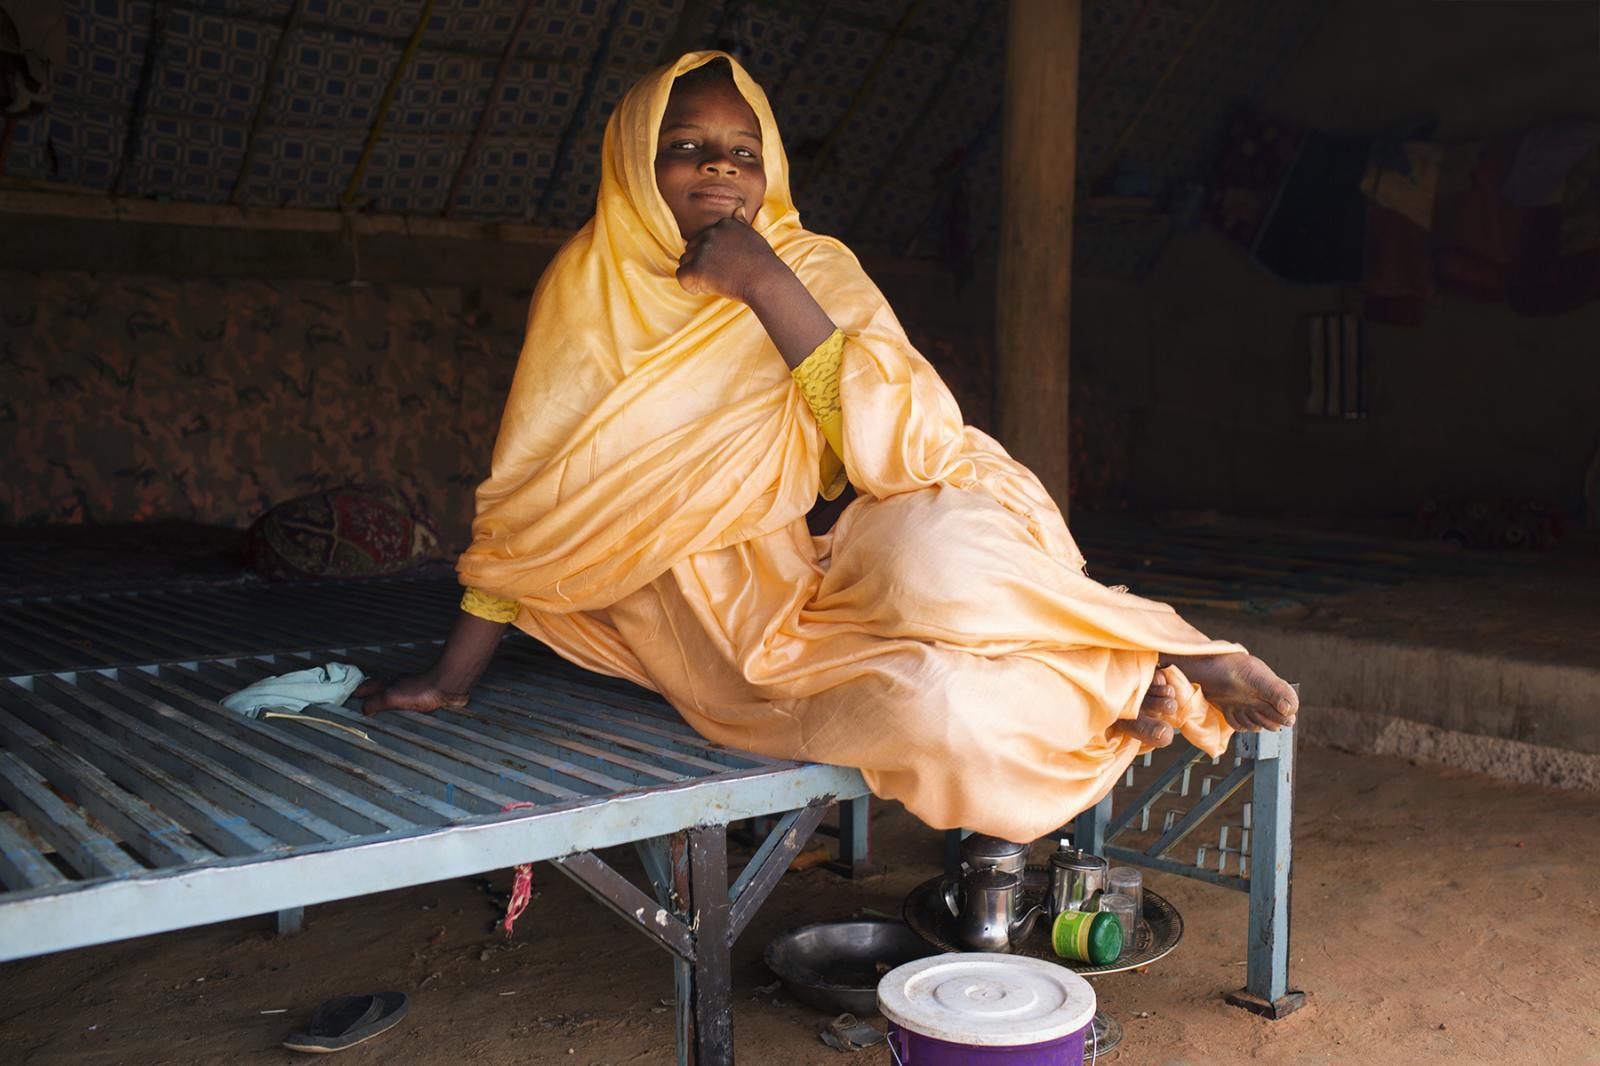 Une jeune fille, bénéficiaire de l'espace sûr de Nouamlein est assise sur un lit dans la maison familale. A young girl who is a beneficiary at Nouamlein's safe space is sitting on a bed in her family home.